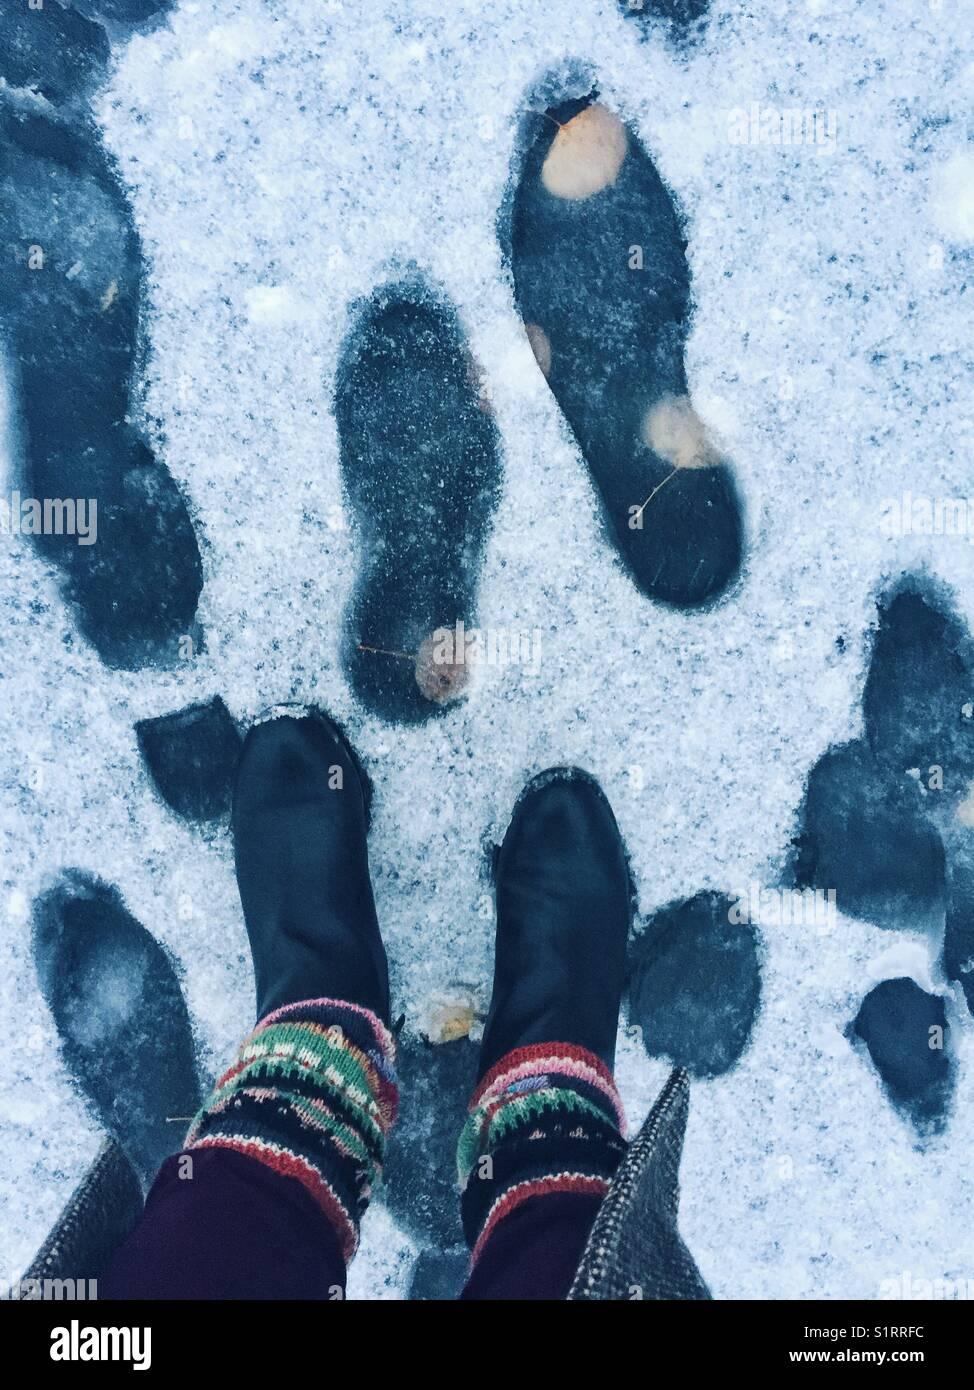 Stiefel und Gestrickte Beinlinge stehen auf dem Bürgersteig mit dem ersten Schnee und Spuren Stockbild